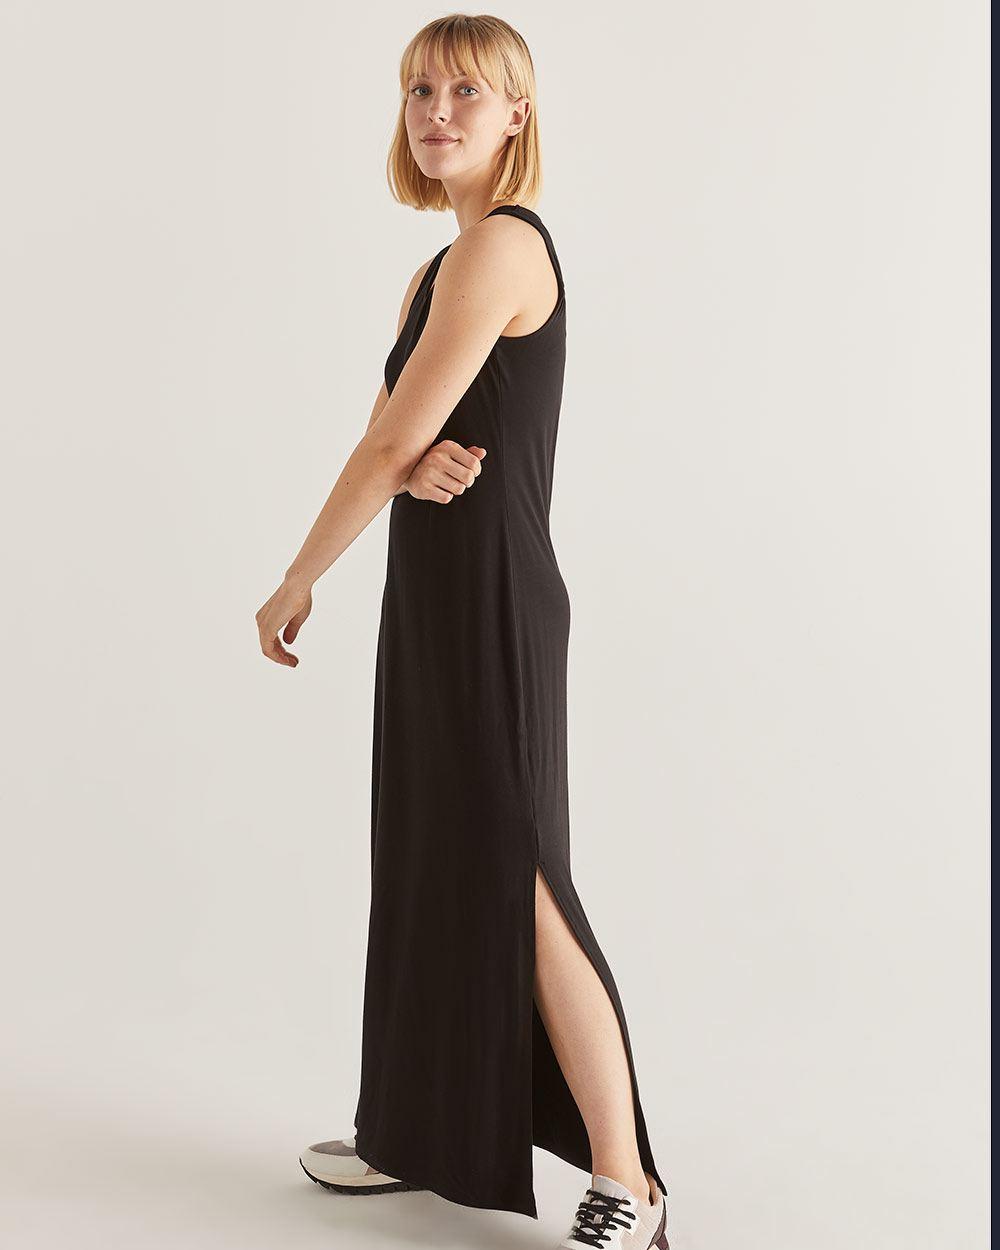 996a8822455 Robe maxi noire avec plis - Petite